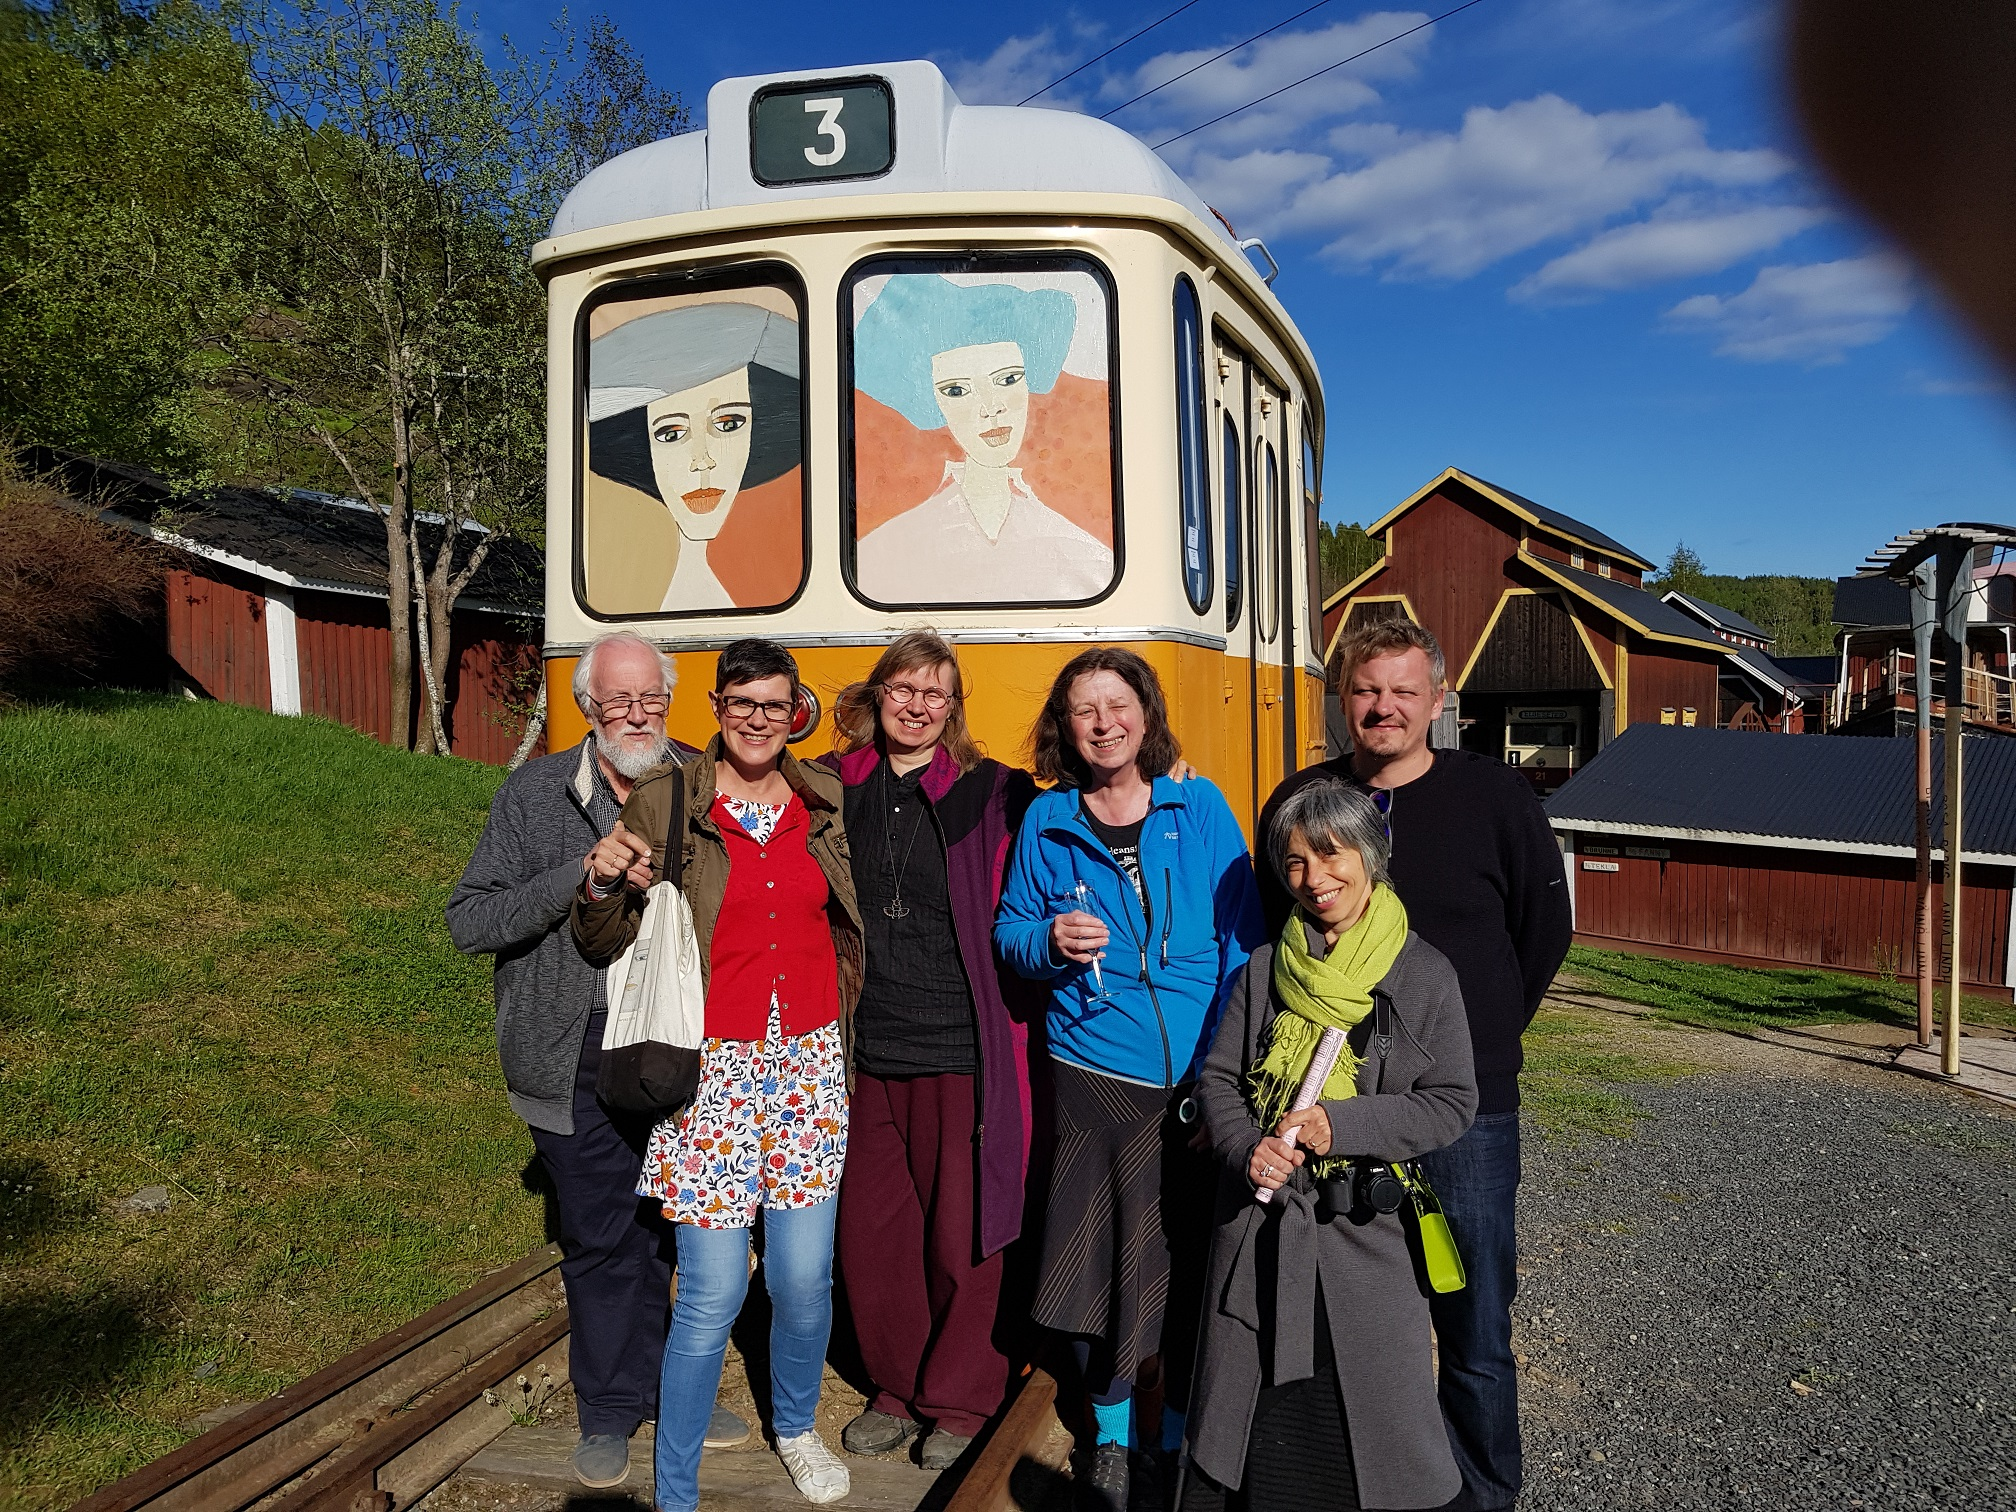 Kenneth Englom (Artnetco), Karin Skoglund (Mannaminne), Barbro Åberg (Mannaminne/Anders Åbergs fru/änka), Adelina Allegretti (Italien, Art Curator/Journalist och gallerist från Umbrien) och Kiko Englund